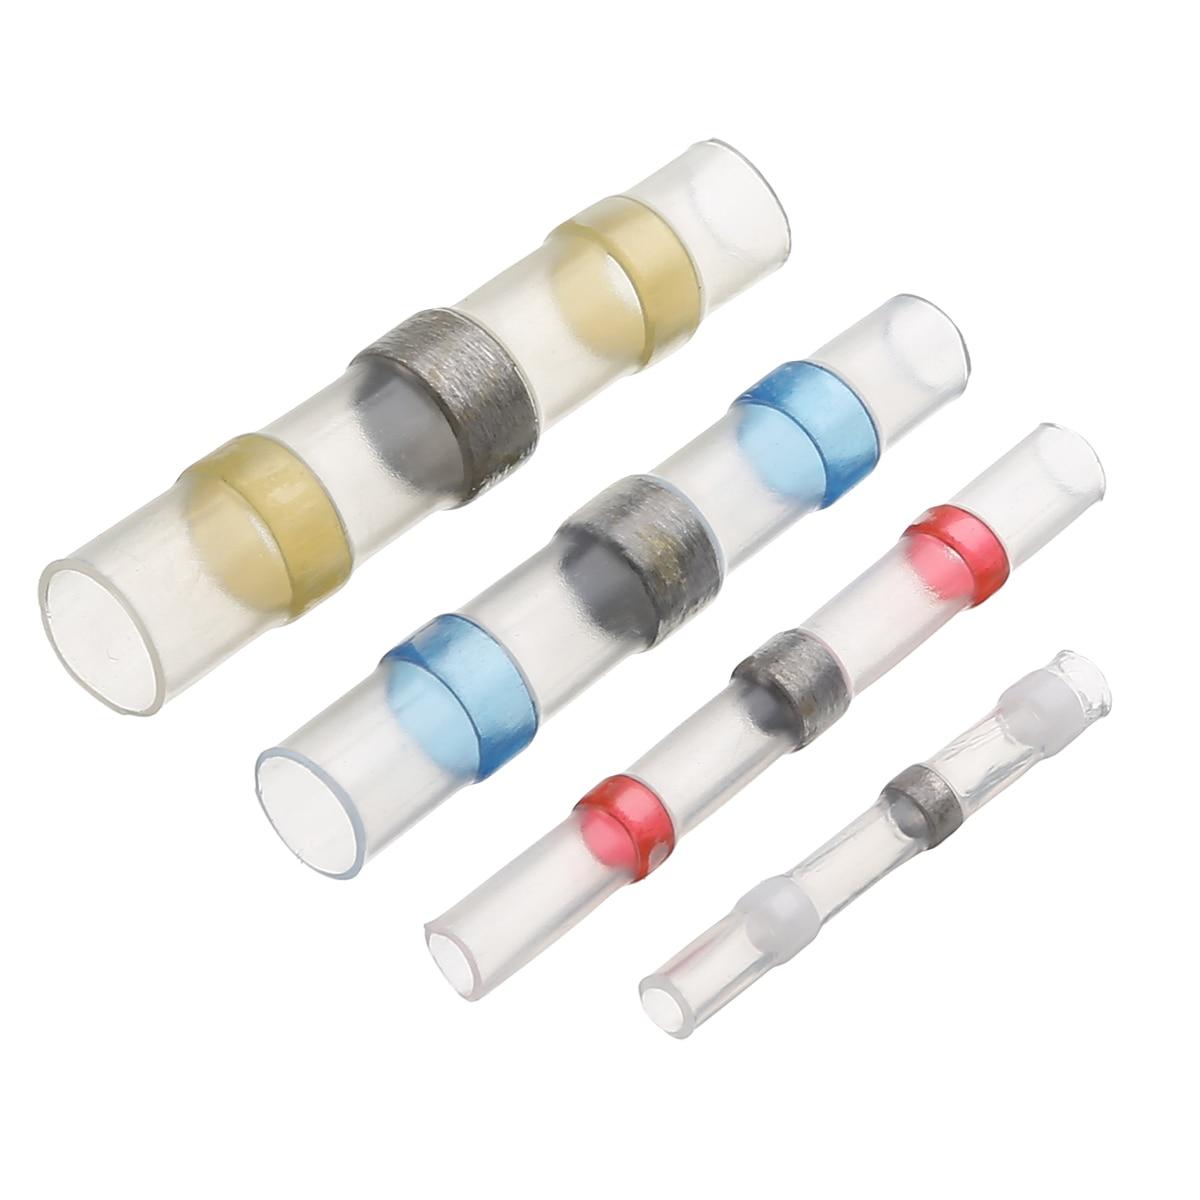 Juego de tubos unids de manga de soldadura a prueba de agua de 100 piezas conectores de empalme de cables de tope de termorretráctil AWG 26-10